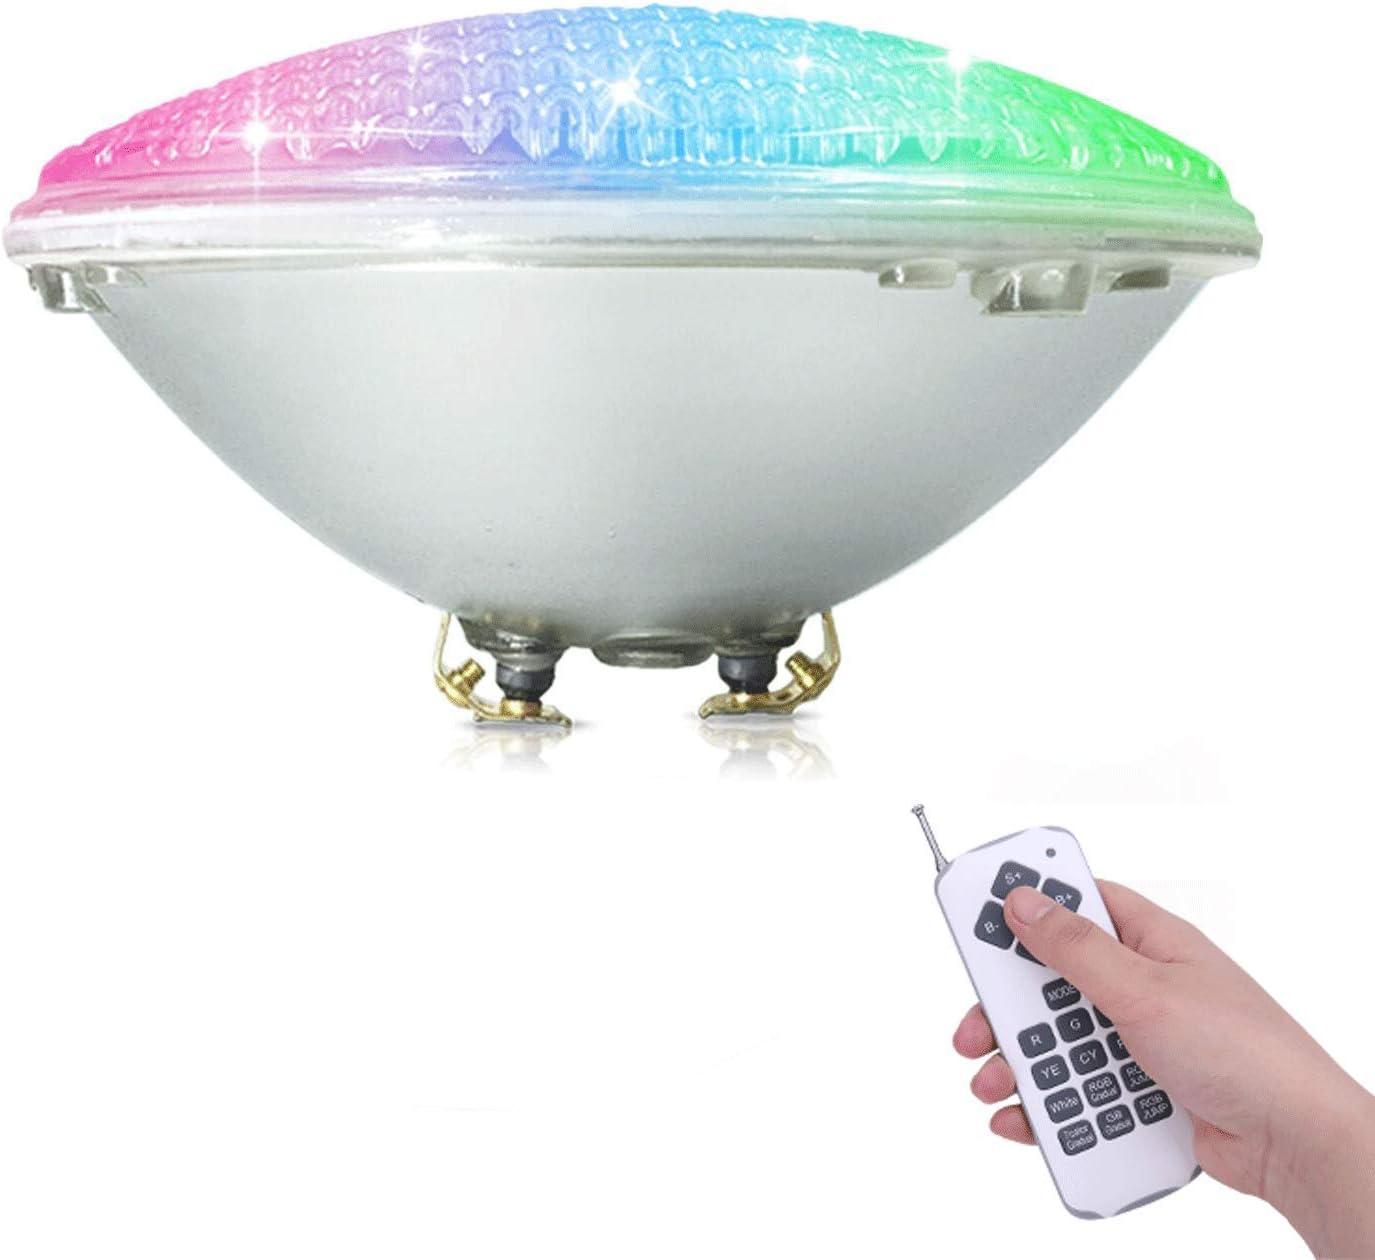 COOLWEST RGB Luces de la piscina LED 36W PAR56 Iluminación de piscinas con Control Remoto 12V AC/DC, Luminarias subacuáticas IP68 impermeables Reemplazar bombillas halógenas de 250W